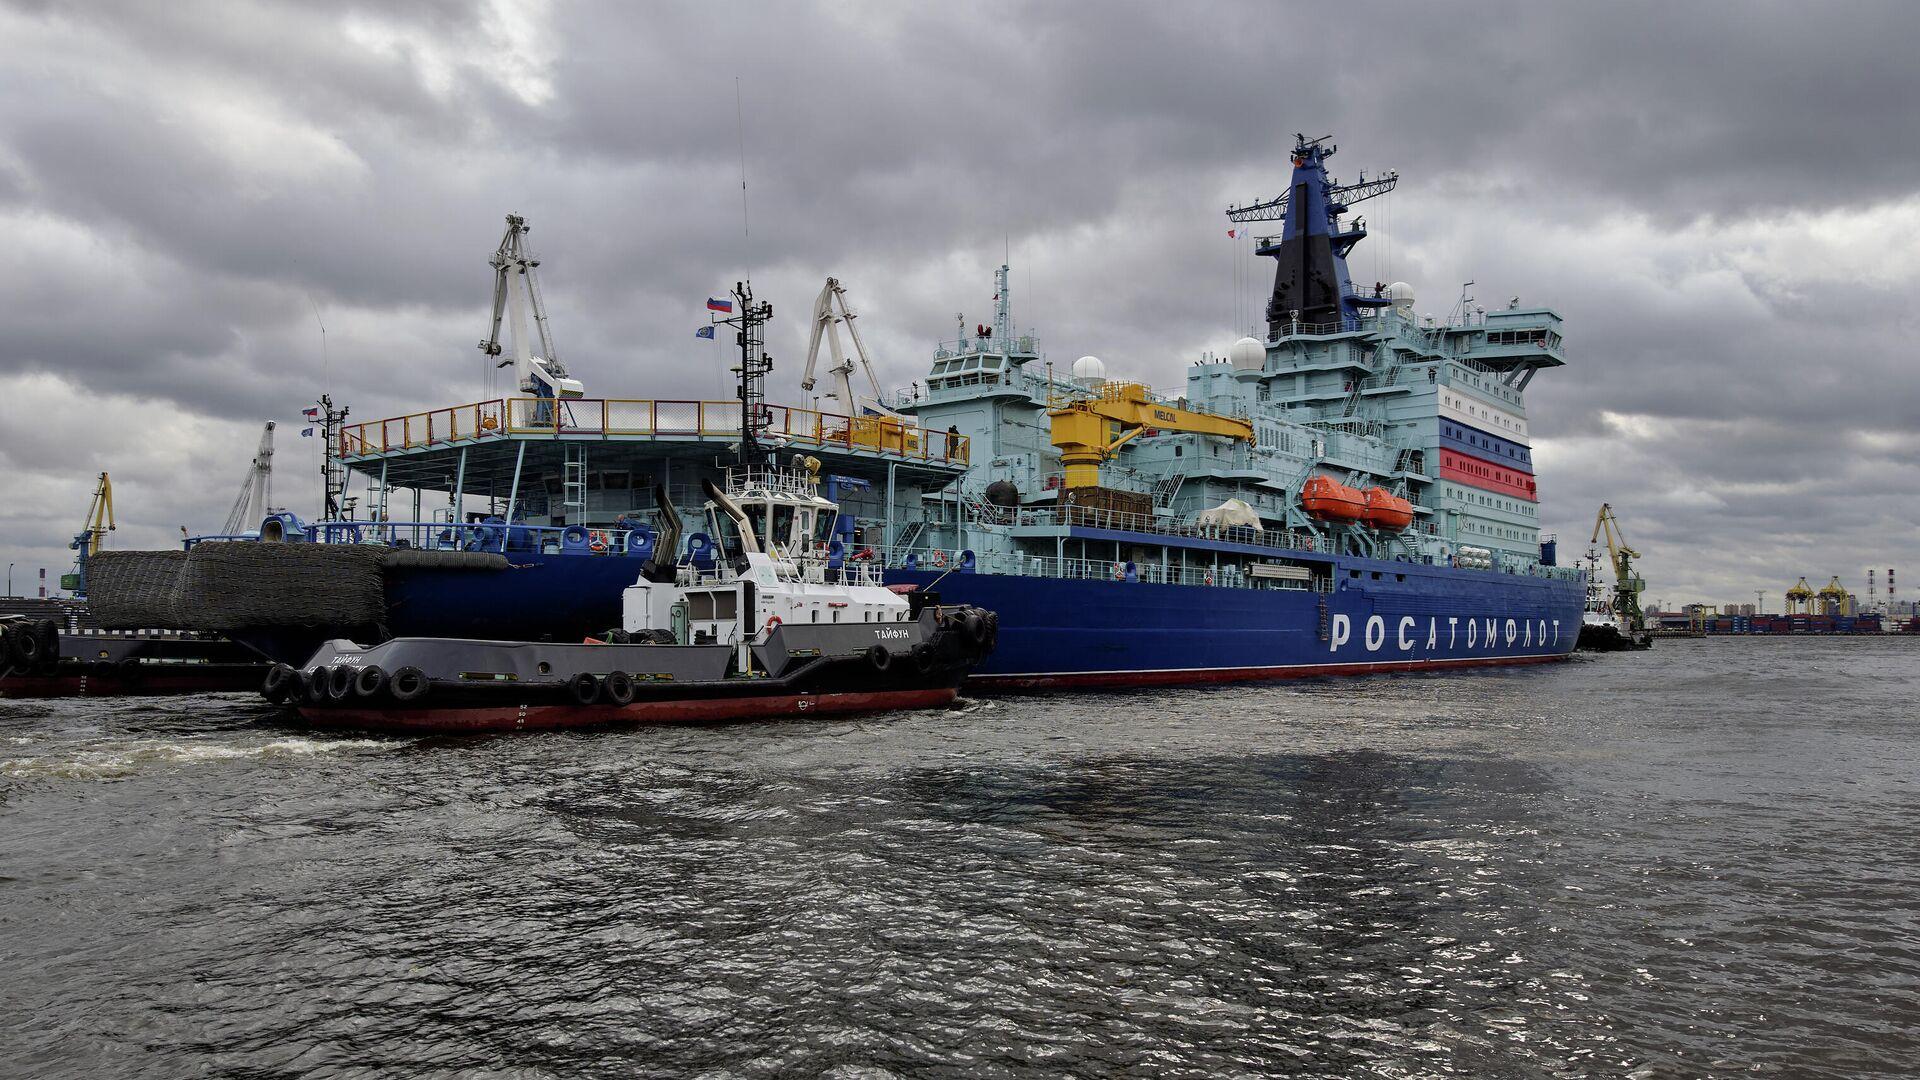 Ледокол Арктика отправляется на ледовые испытания из порта Санкт-Петербурга - РИА Новости, 1920, 24.09.2020